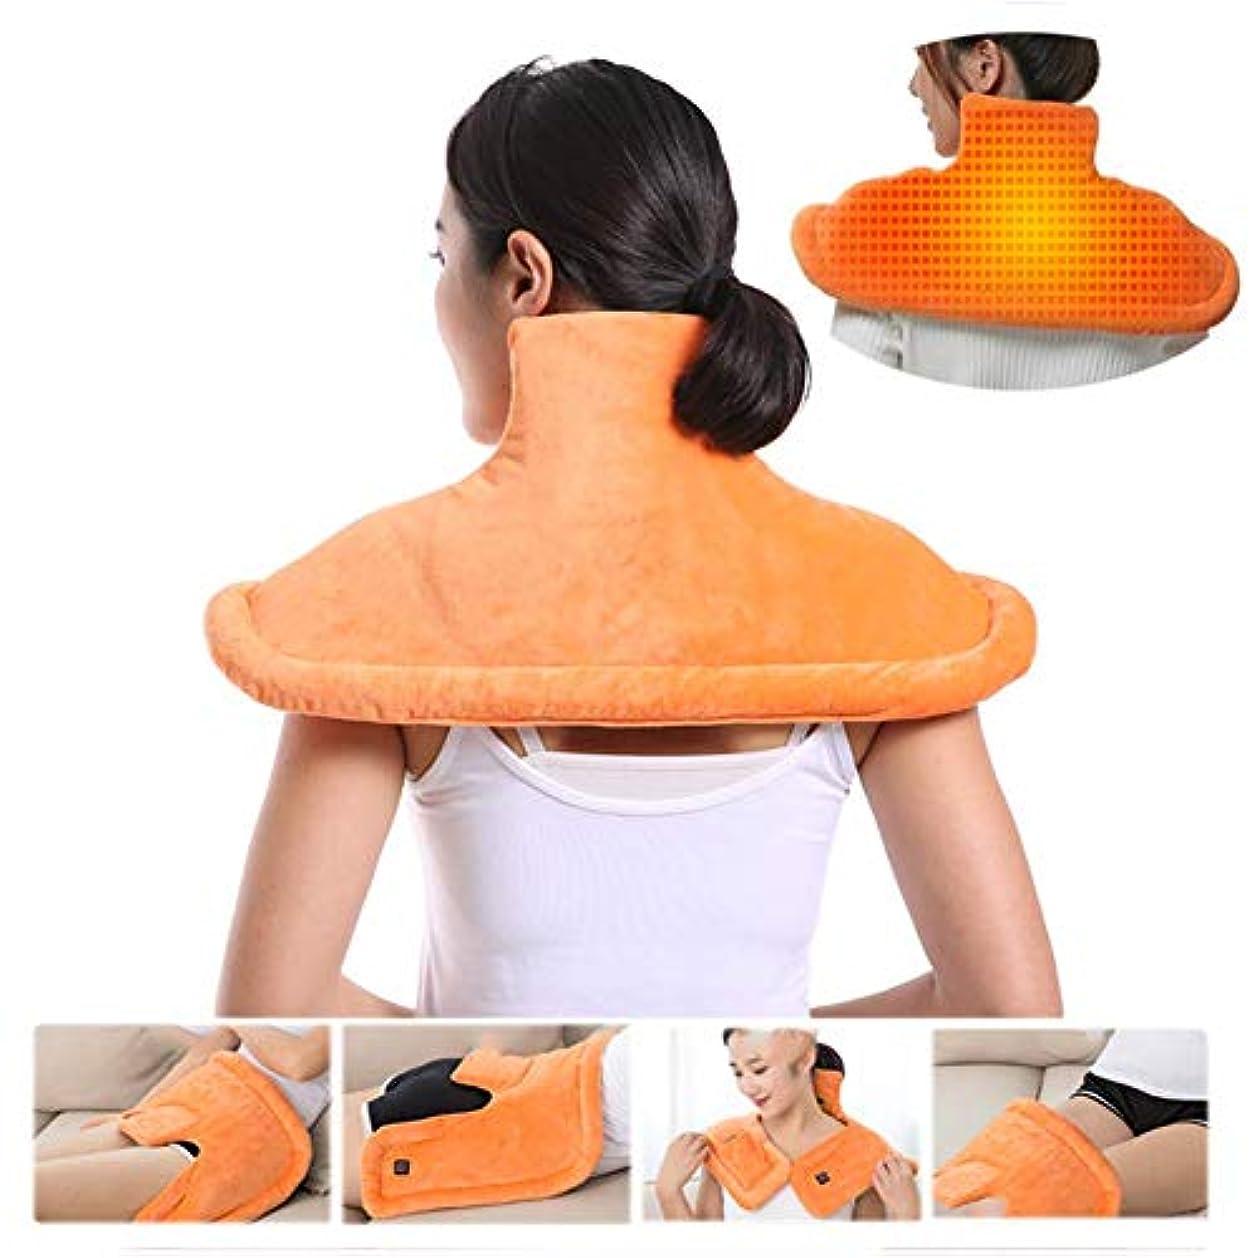 モンキーコジオスコ磨かれたSooger 電熱のストール 首の肩の背部暖房パッド、マッサージのヒートラップの熱くするショールの減圧のための調節可能な強度フルボディマッサージ首の肩暖房湿った熱療法のパッド